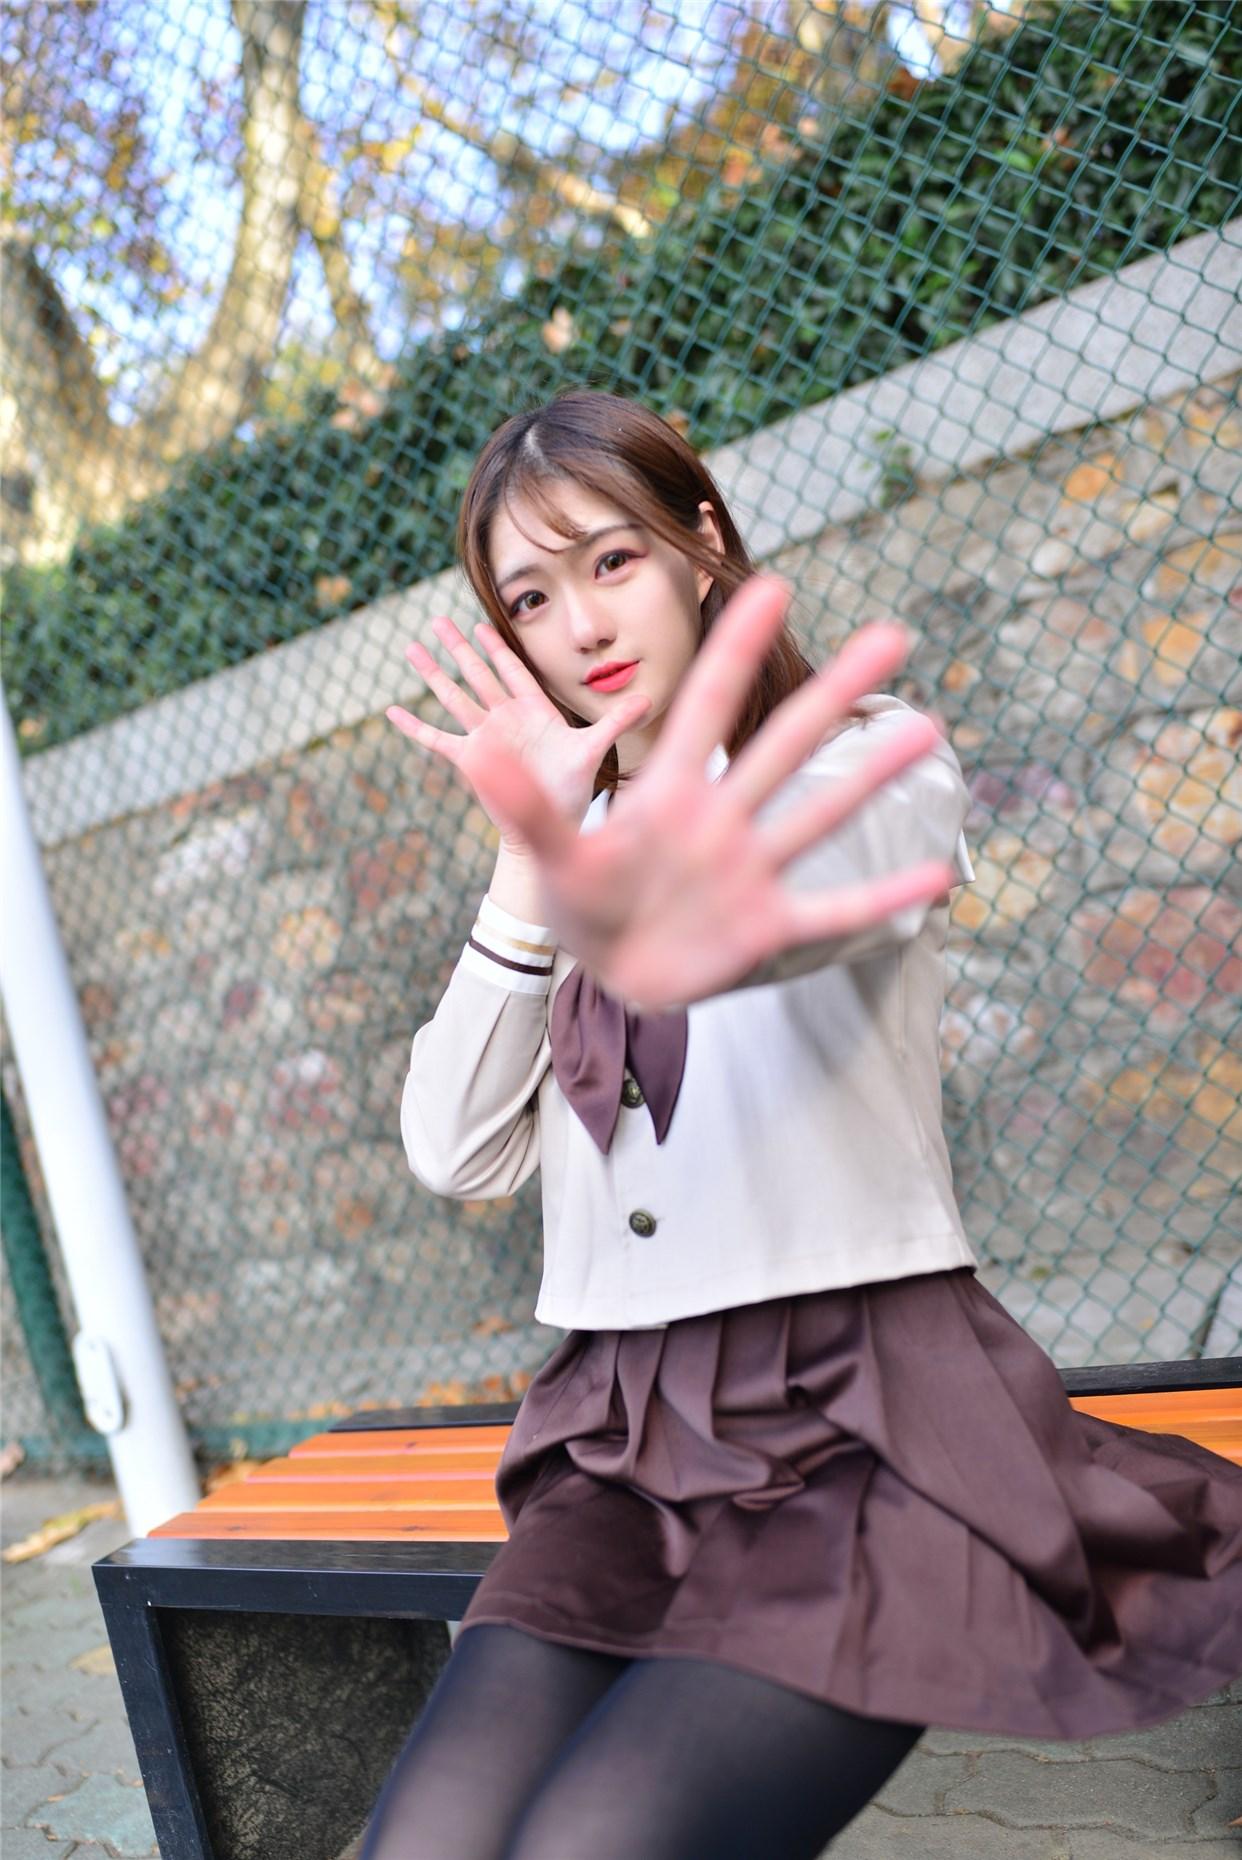 【兔玩映画】冬天里的JK黑丝 兔玩映画 第5张